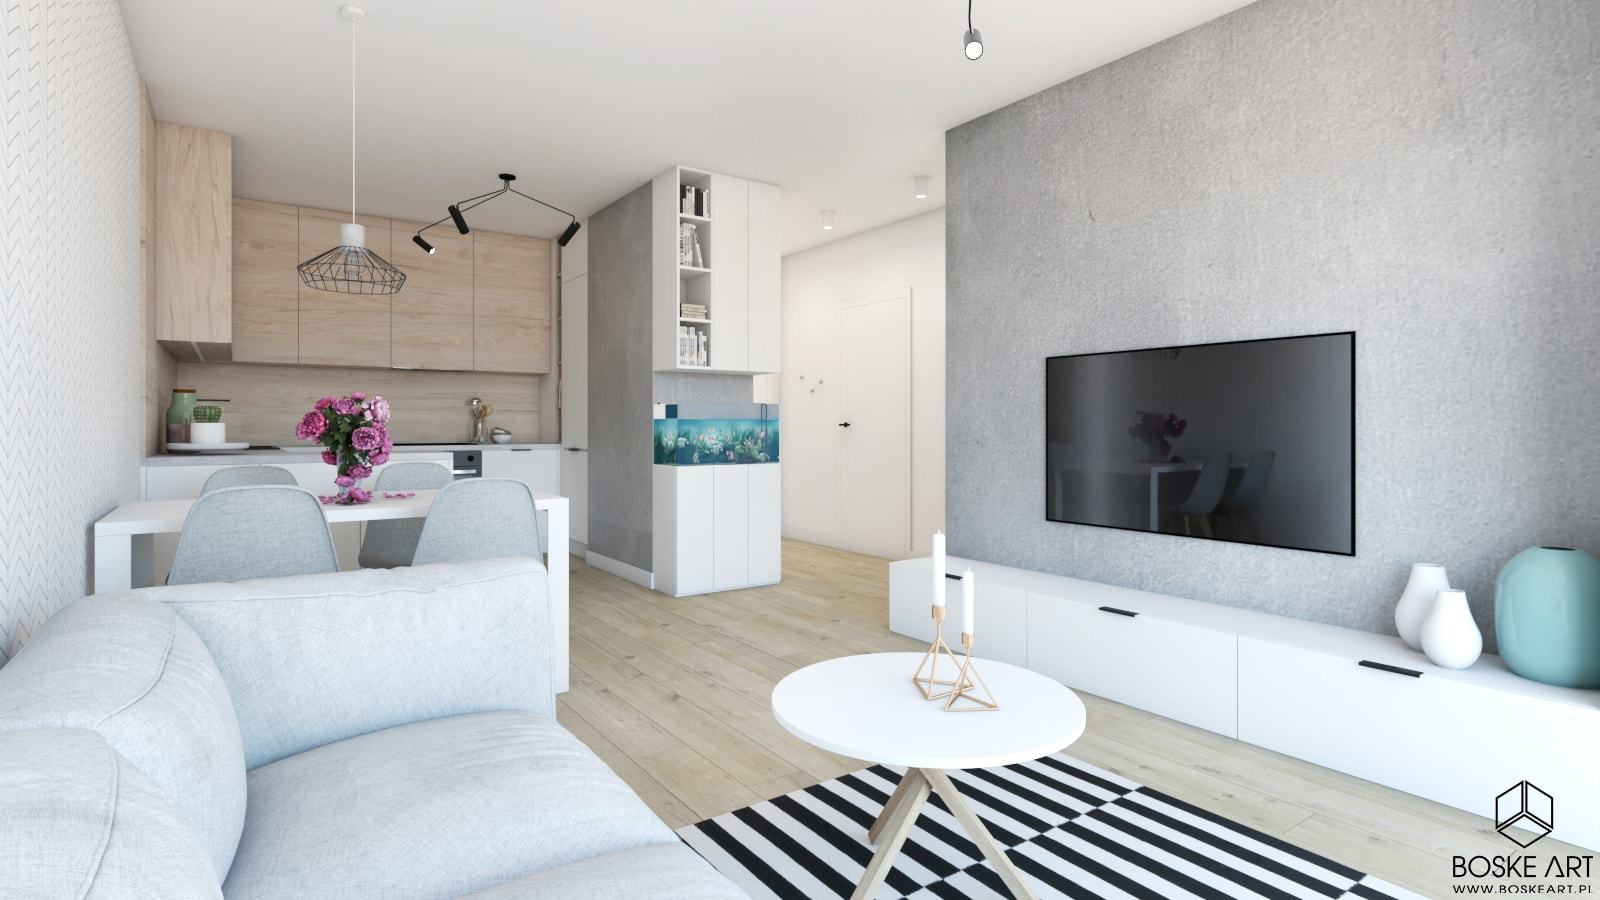 3_mieszkanie_gniezno_boske_art_projektowanie wnetrz_architektura_natalia_robaszkiewicz-min